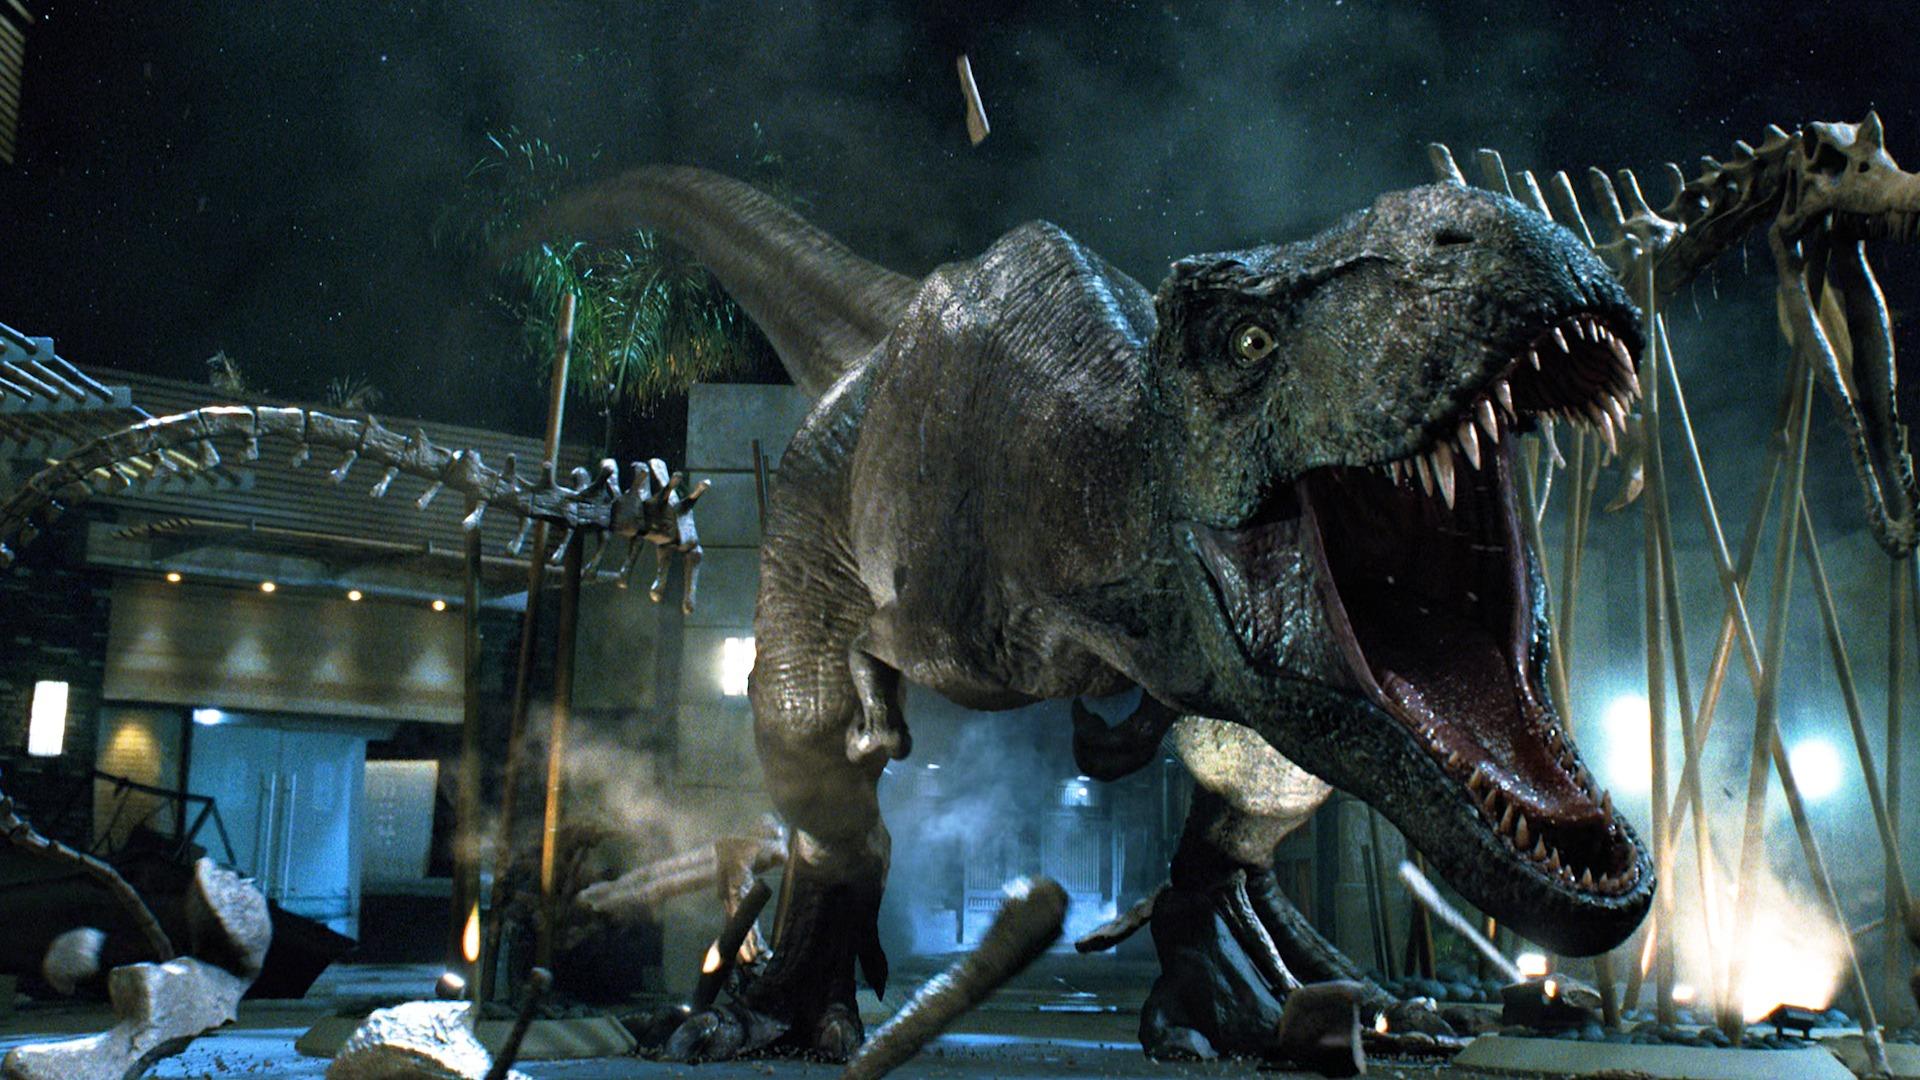 #电影迷的修养#《侏罗纪世界》4K超高清60帧视频剪辑欣赏